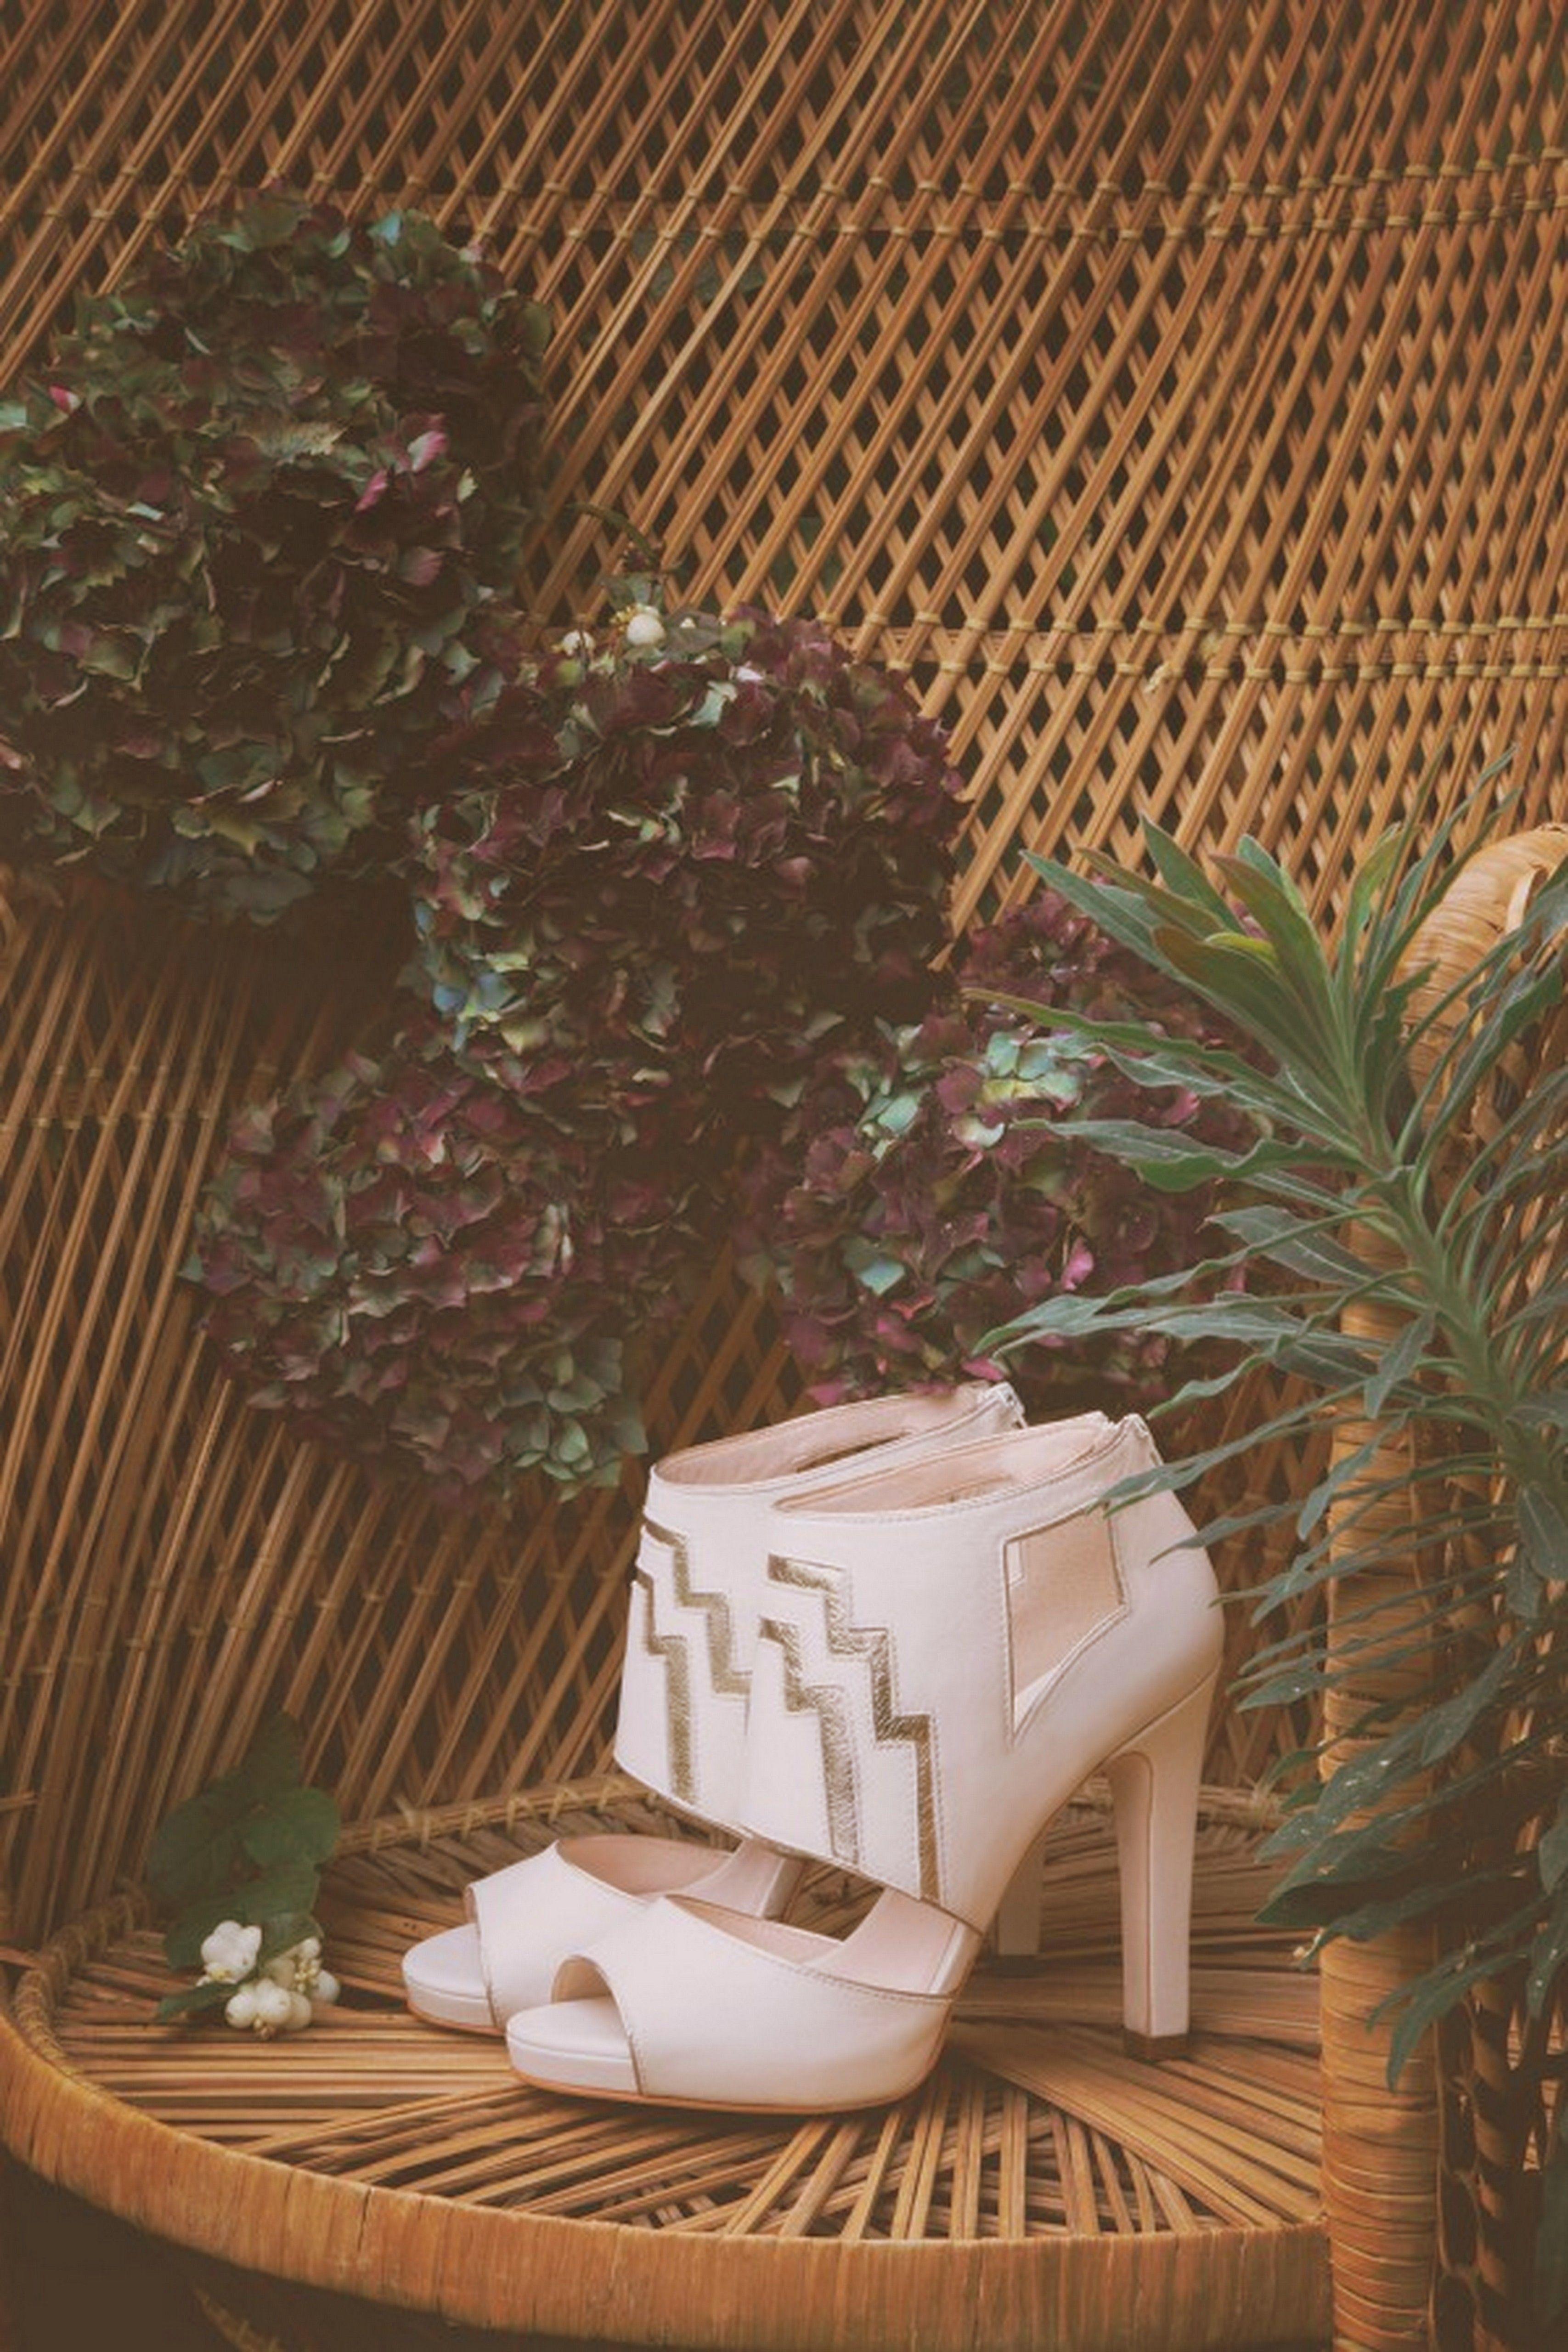 a897df36a35f61 ELISE HAMEAU x COSMOPARIS | Robe de Mariée / bouquet / shoes ...